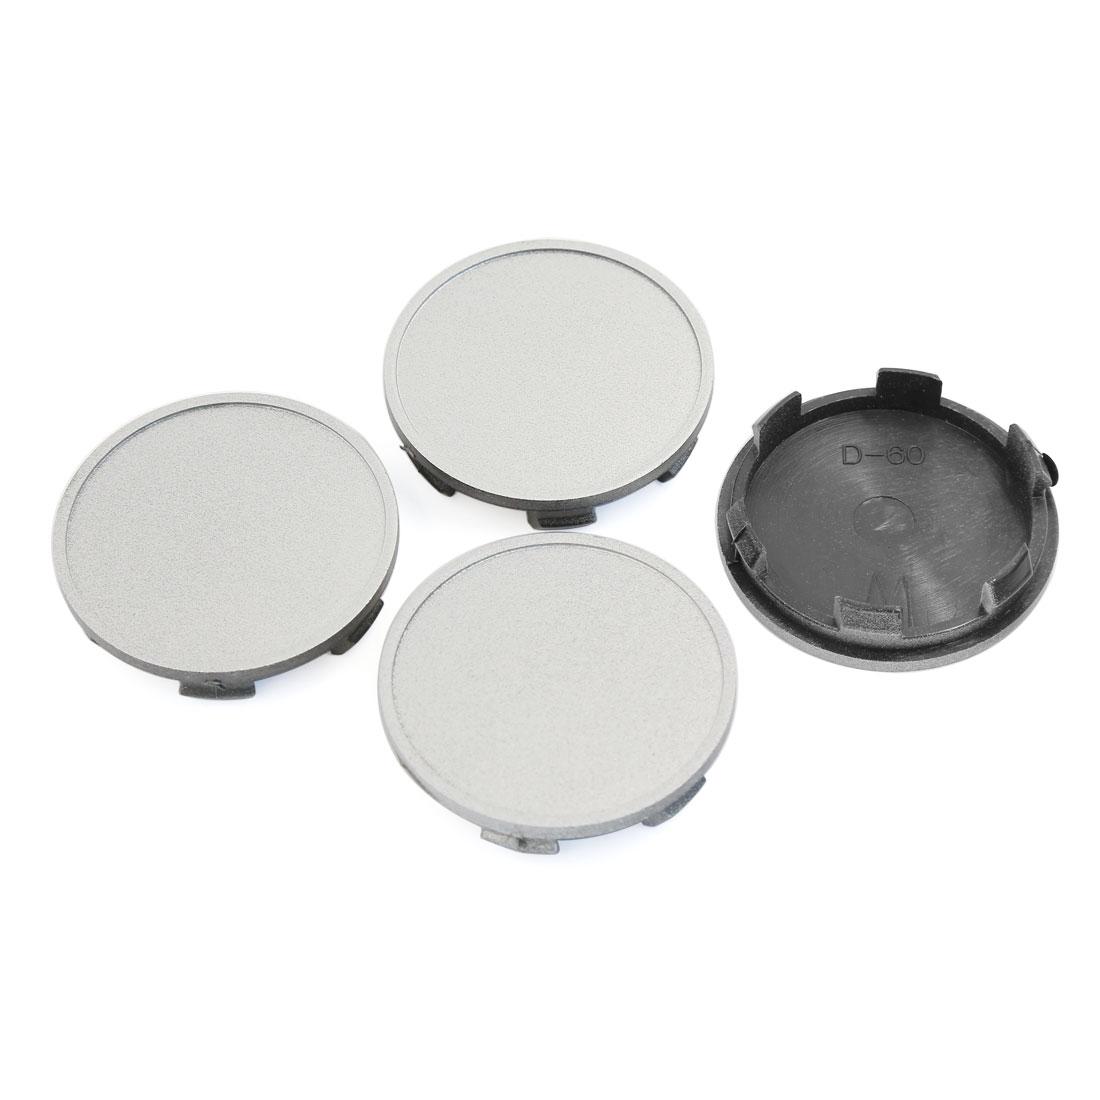 4PCS Sliver Tone 6 Clips Car Hood Emblem Wheel Center Hub Caps Covers 64mm Dia